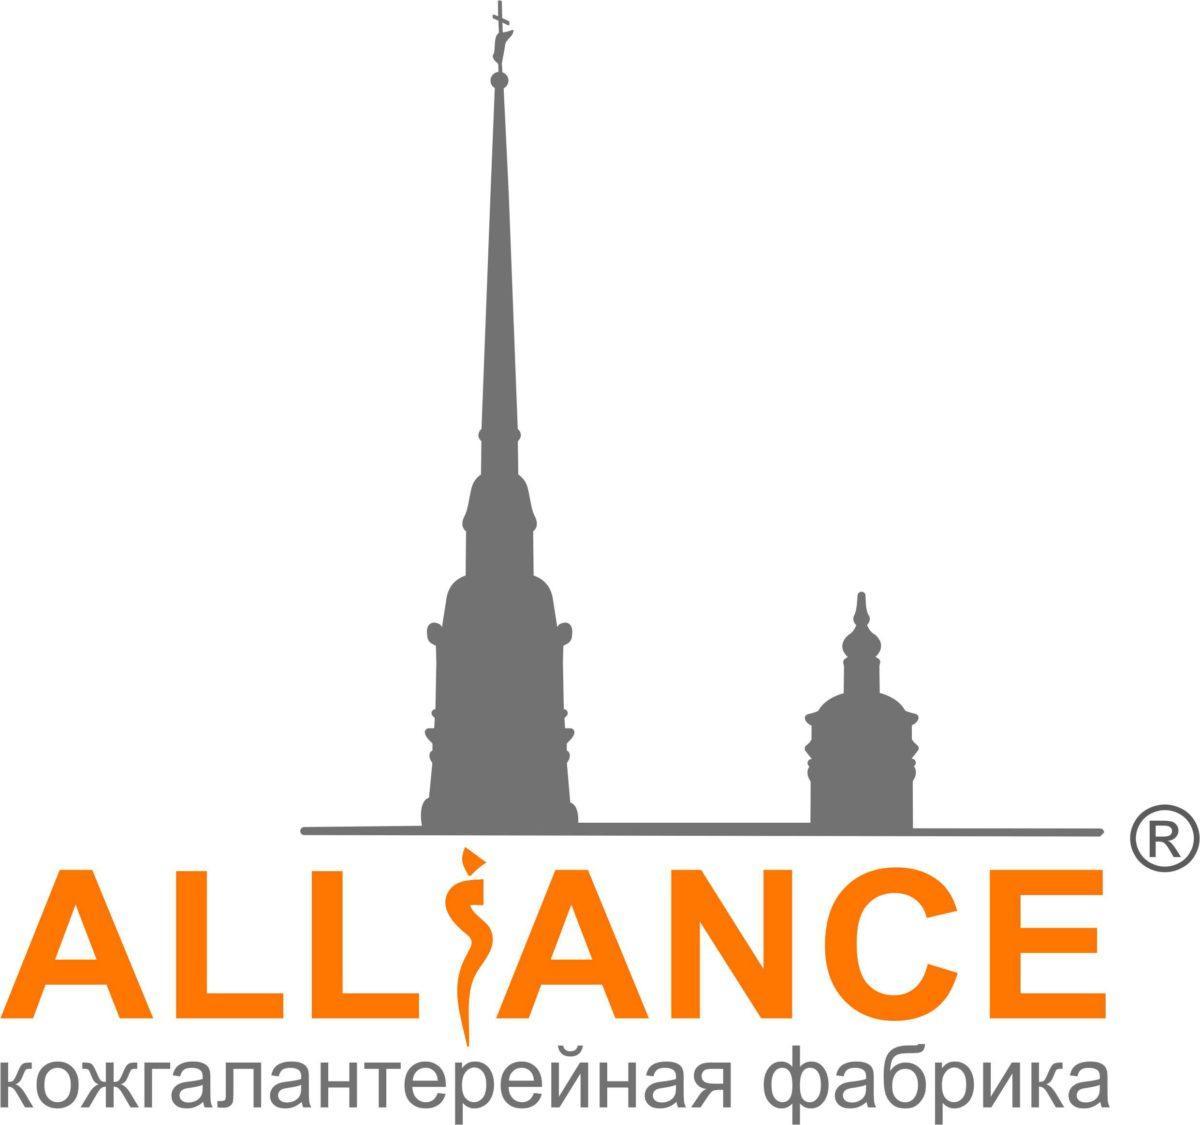 ALLIANCE КГФ Сумки под Вашим брендом. Отшив в России